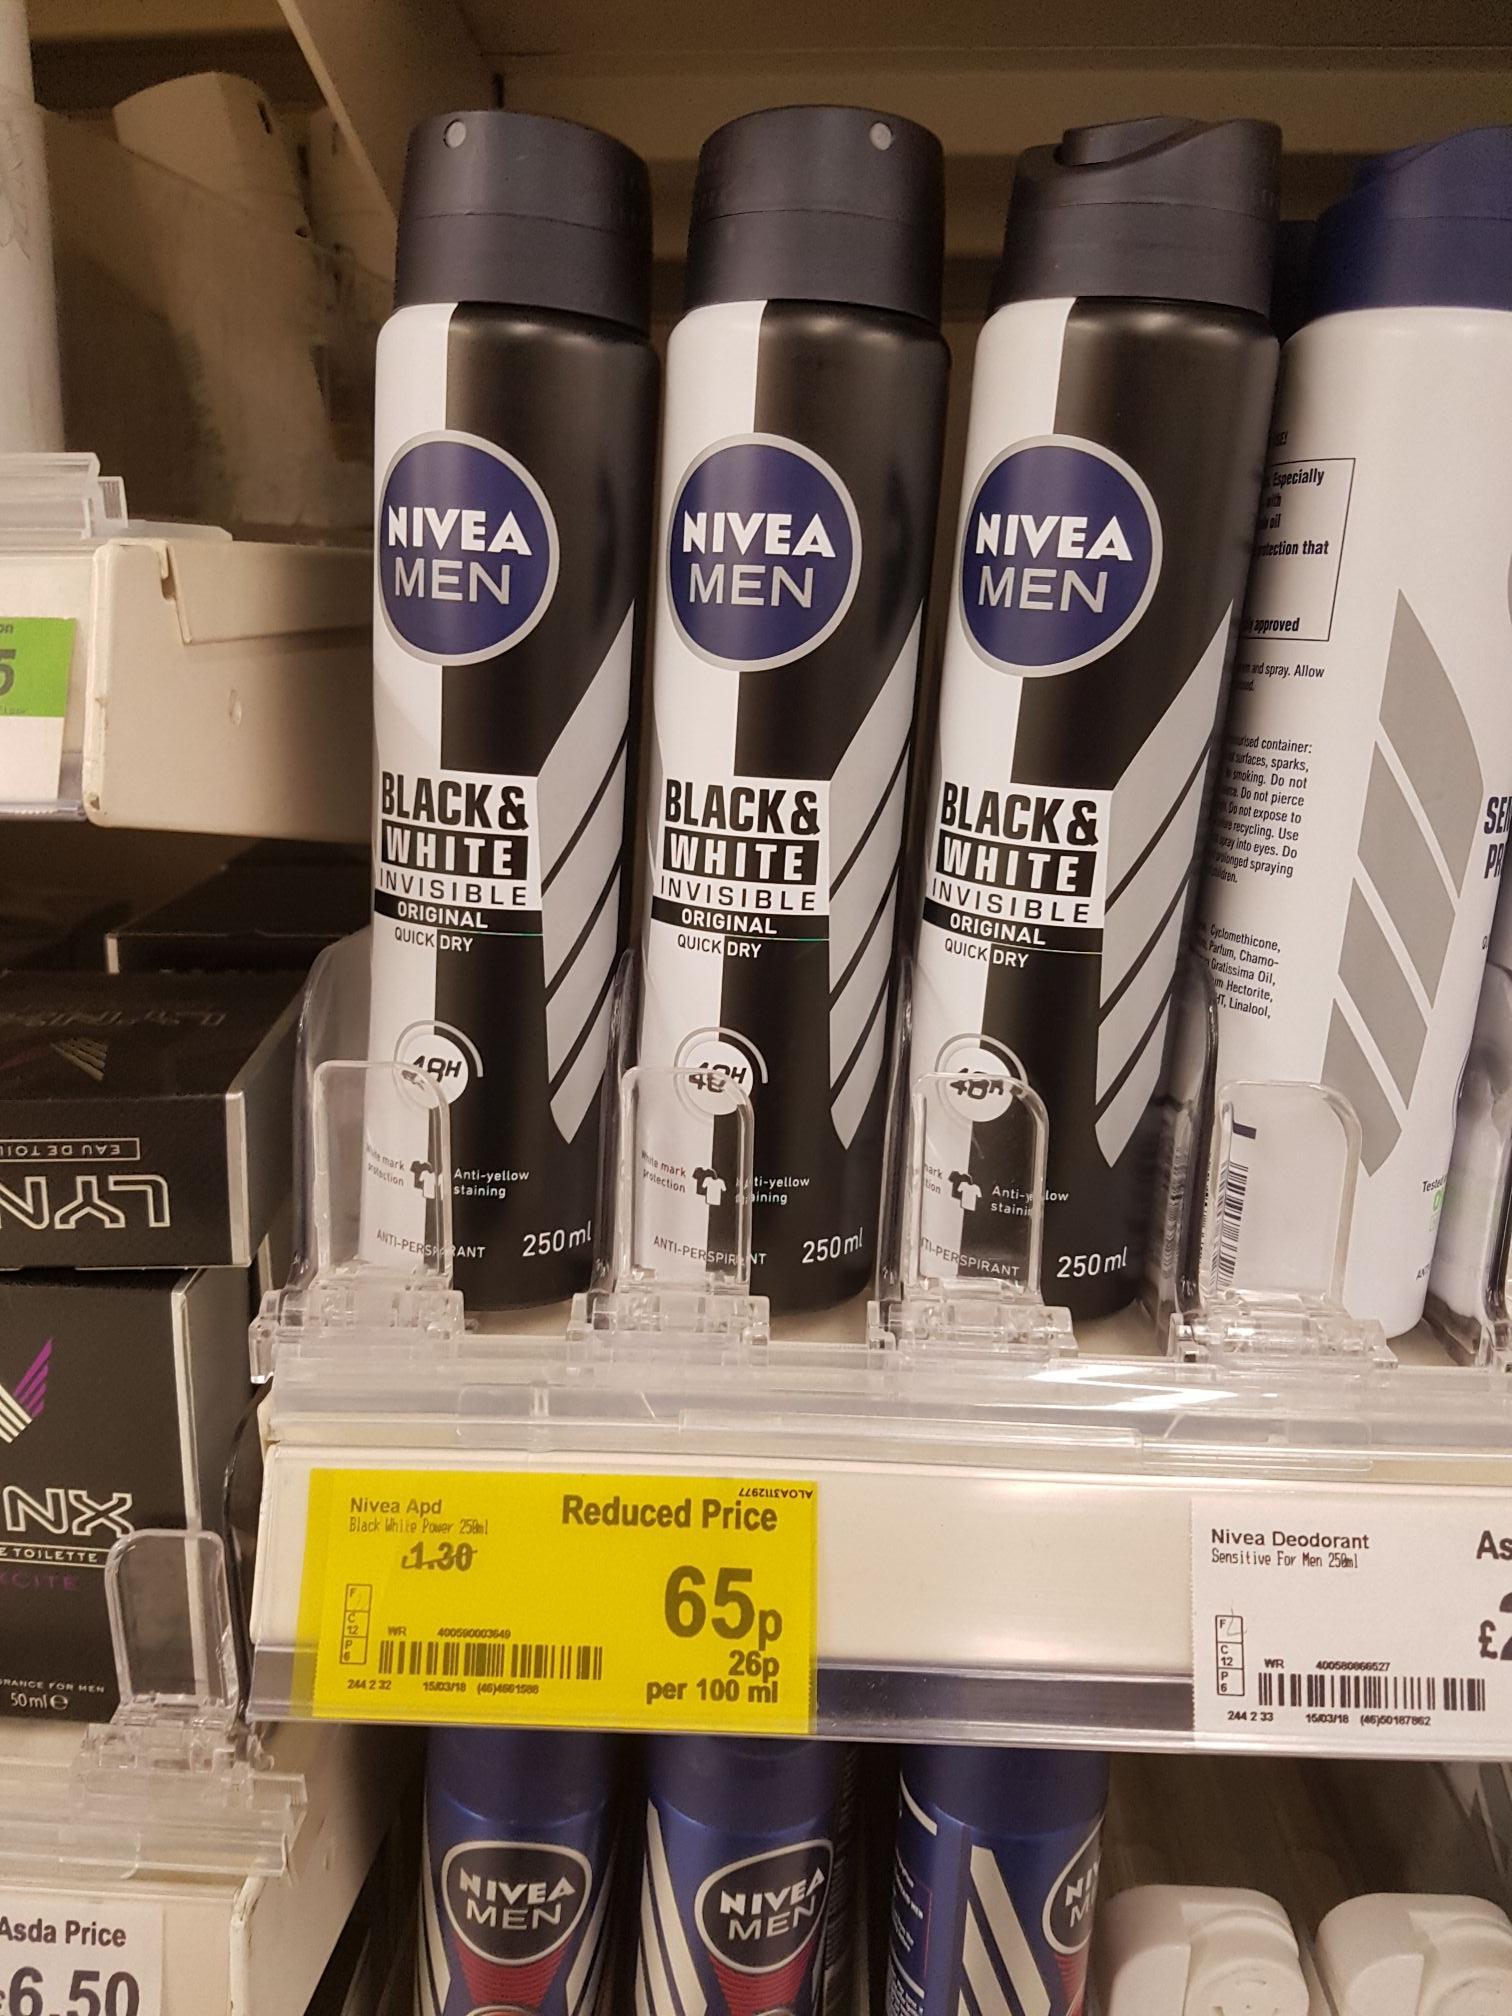 Novea invisible deodorant 65p @ Asda Hunts cross Liverpool